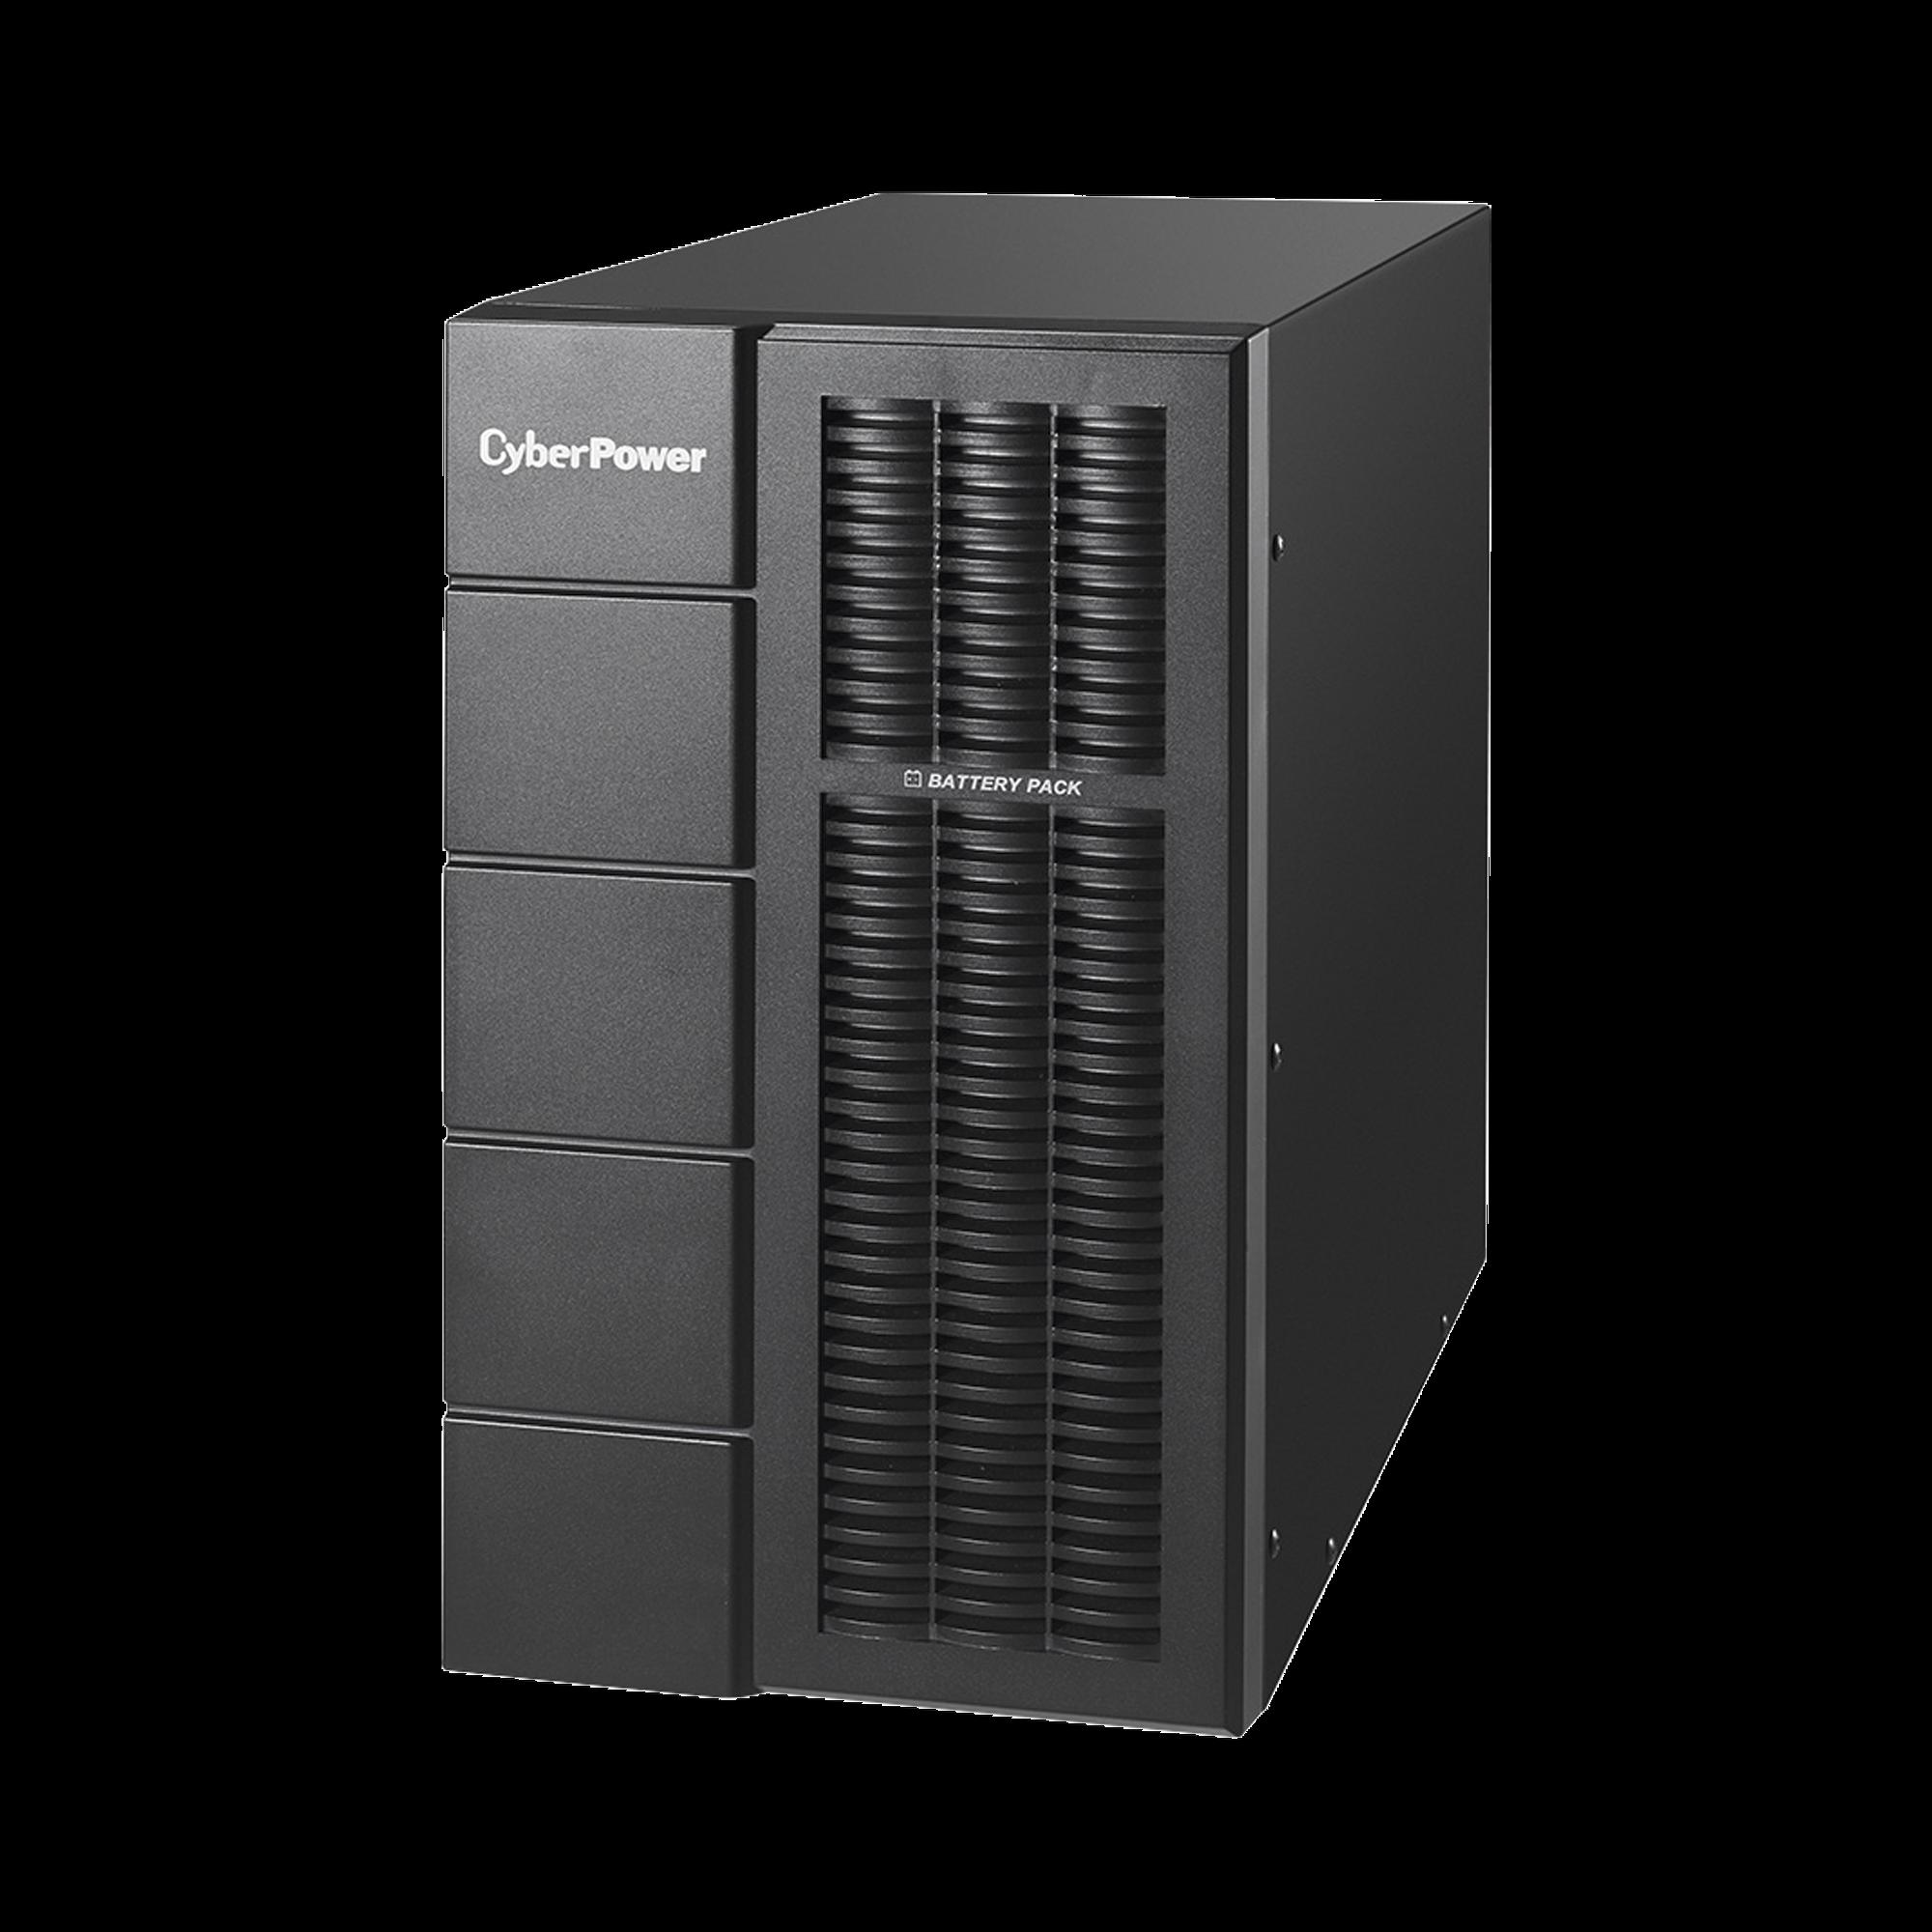 Modulo de Baterias Externas, Para Extension de Tiempo de Respaldo, Compatible con UPS Serie OL Modelos OLS2000 y OLS3000